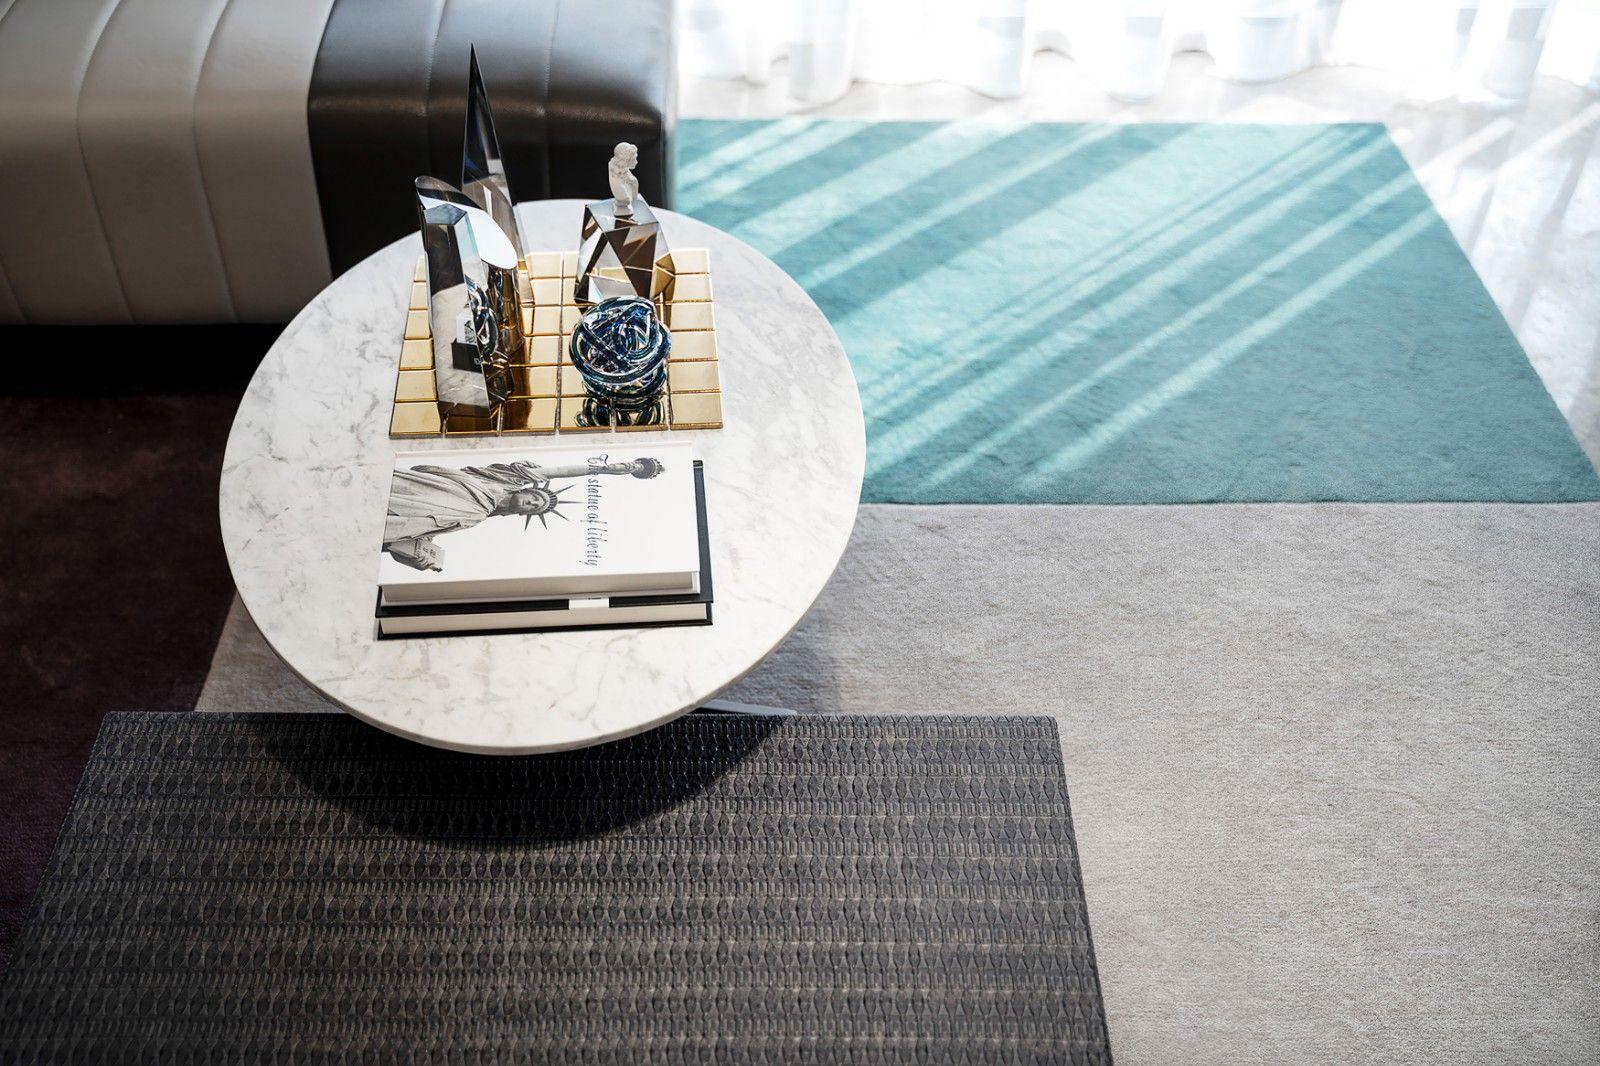 慵懒气质,迸发层序美·120㎡广州招商雍景湾样板房 | 聚舍联合设计